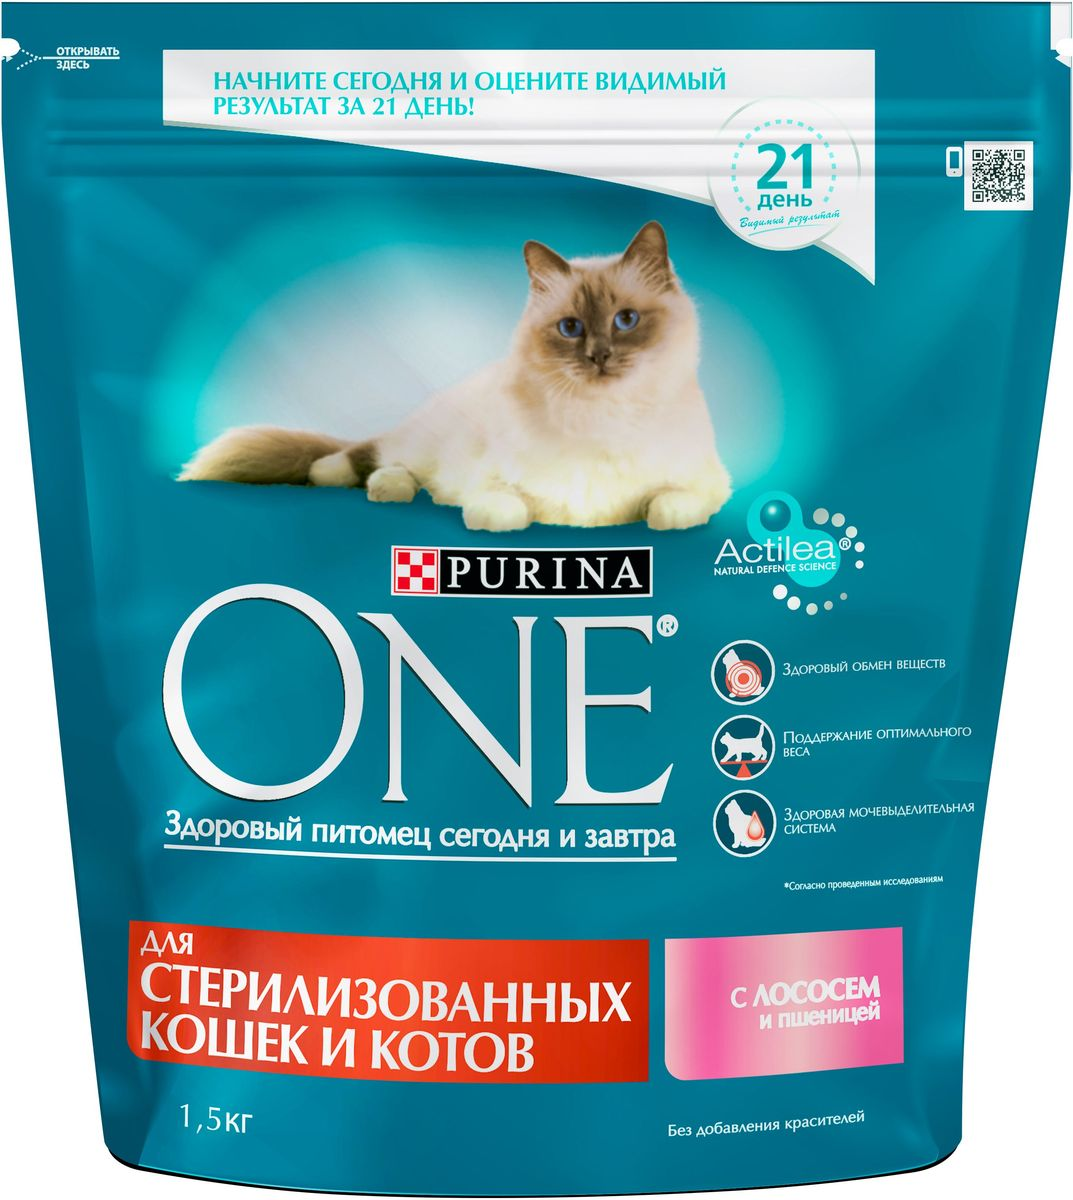 Корм сухой Purina One Sterilized для стерилизованных кошек и котов, с лососем и пшеницей, 1,5 кг64089Состав корма Purina One Sterilized был специально подобран ветеринарами таким образом, чтобы поддерживать здоровый обмен веществ у кошек и котов, прошедших процедуру стерилизации или кастрации. Дело в том, что им требуется меньше калорий для поддержания нормальной жизнедеятельности и активности, чем собратьям с сохраненной половой функцией. Сухой корм для стерилизованных кошек и кастрированных котов Purina One Sterilized с лососем и пшеницей обеспечивает питомцам необходимый уровень насыщения за счет более высокого (на 15% больше) содержания белка по отношению к жиру, чем в других кормах линейки. Благодаря этому удается избежать набора лишнего веса и риска ожирения у питомцев. Добавки: МЕ/кг: витамин А 36960; витамин D3 1120; витамин E 770. Мг/кг: витамин С 160, таурин 780; железо 253; йод: 3,2; медь: 50; марганец: 105; цинк: 428, селен: 0,29.Белок 37,0%, жир 13,0%, сырая зола 7,5%, сырая клетчатка 4,0%. Товар сертифицирован.